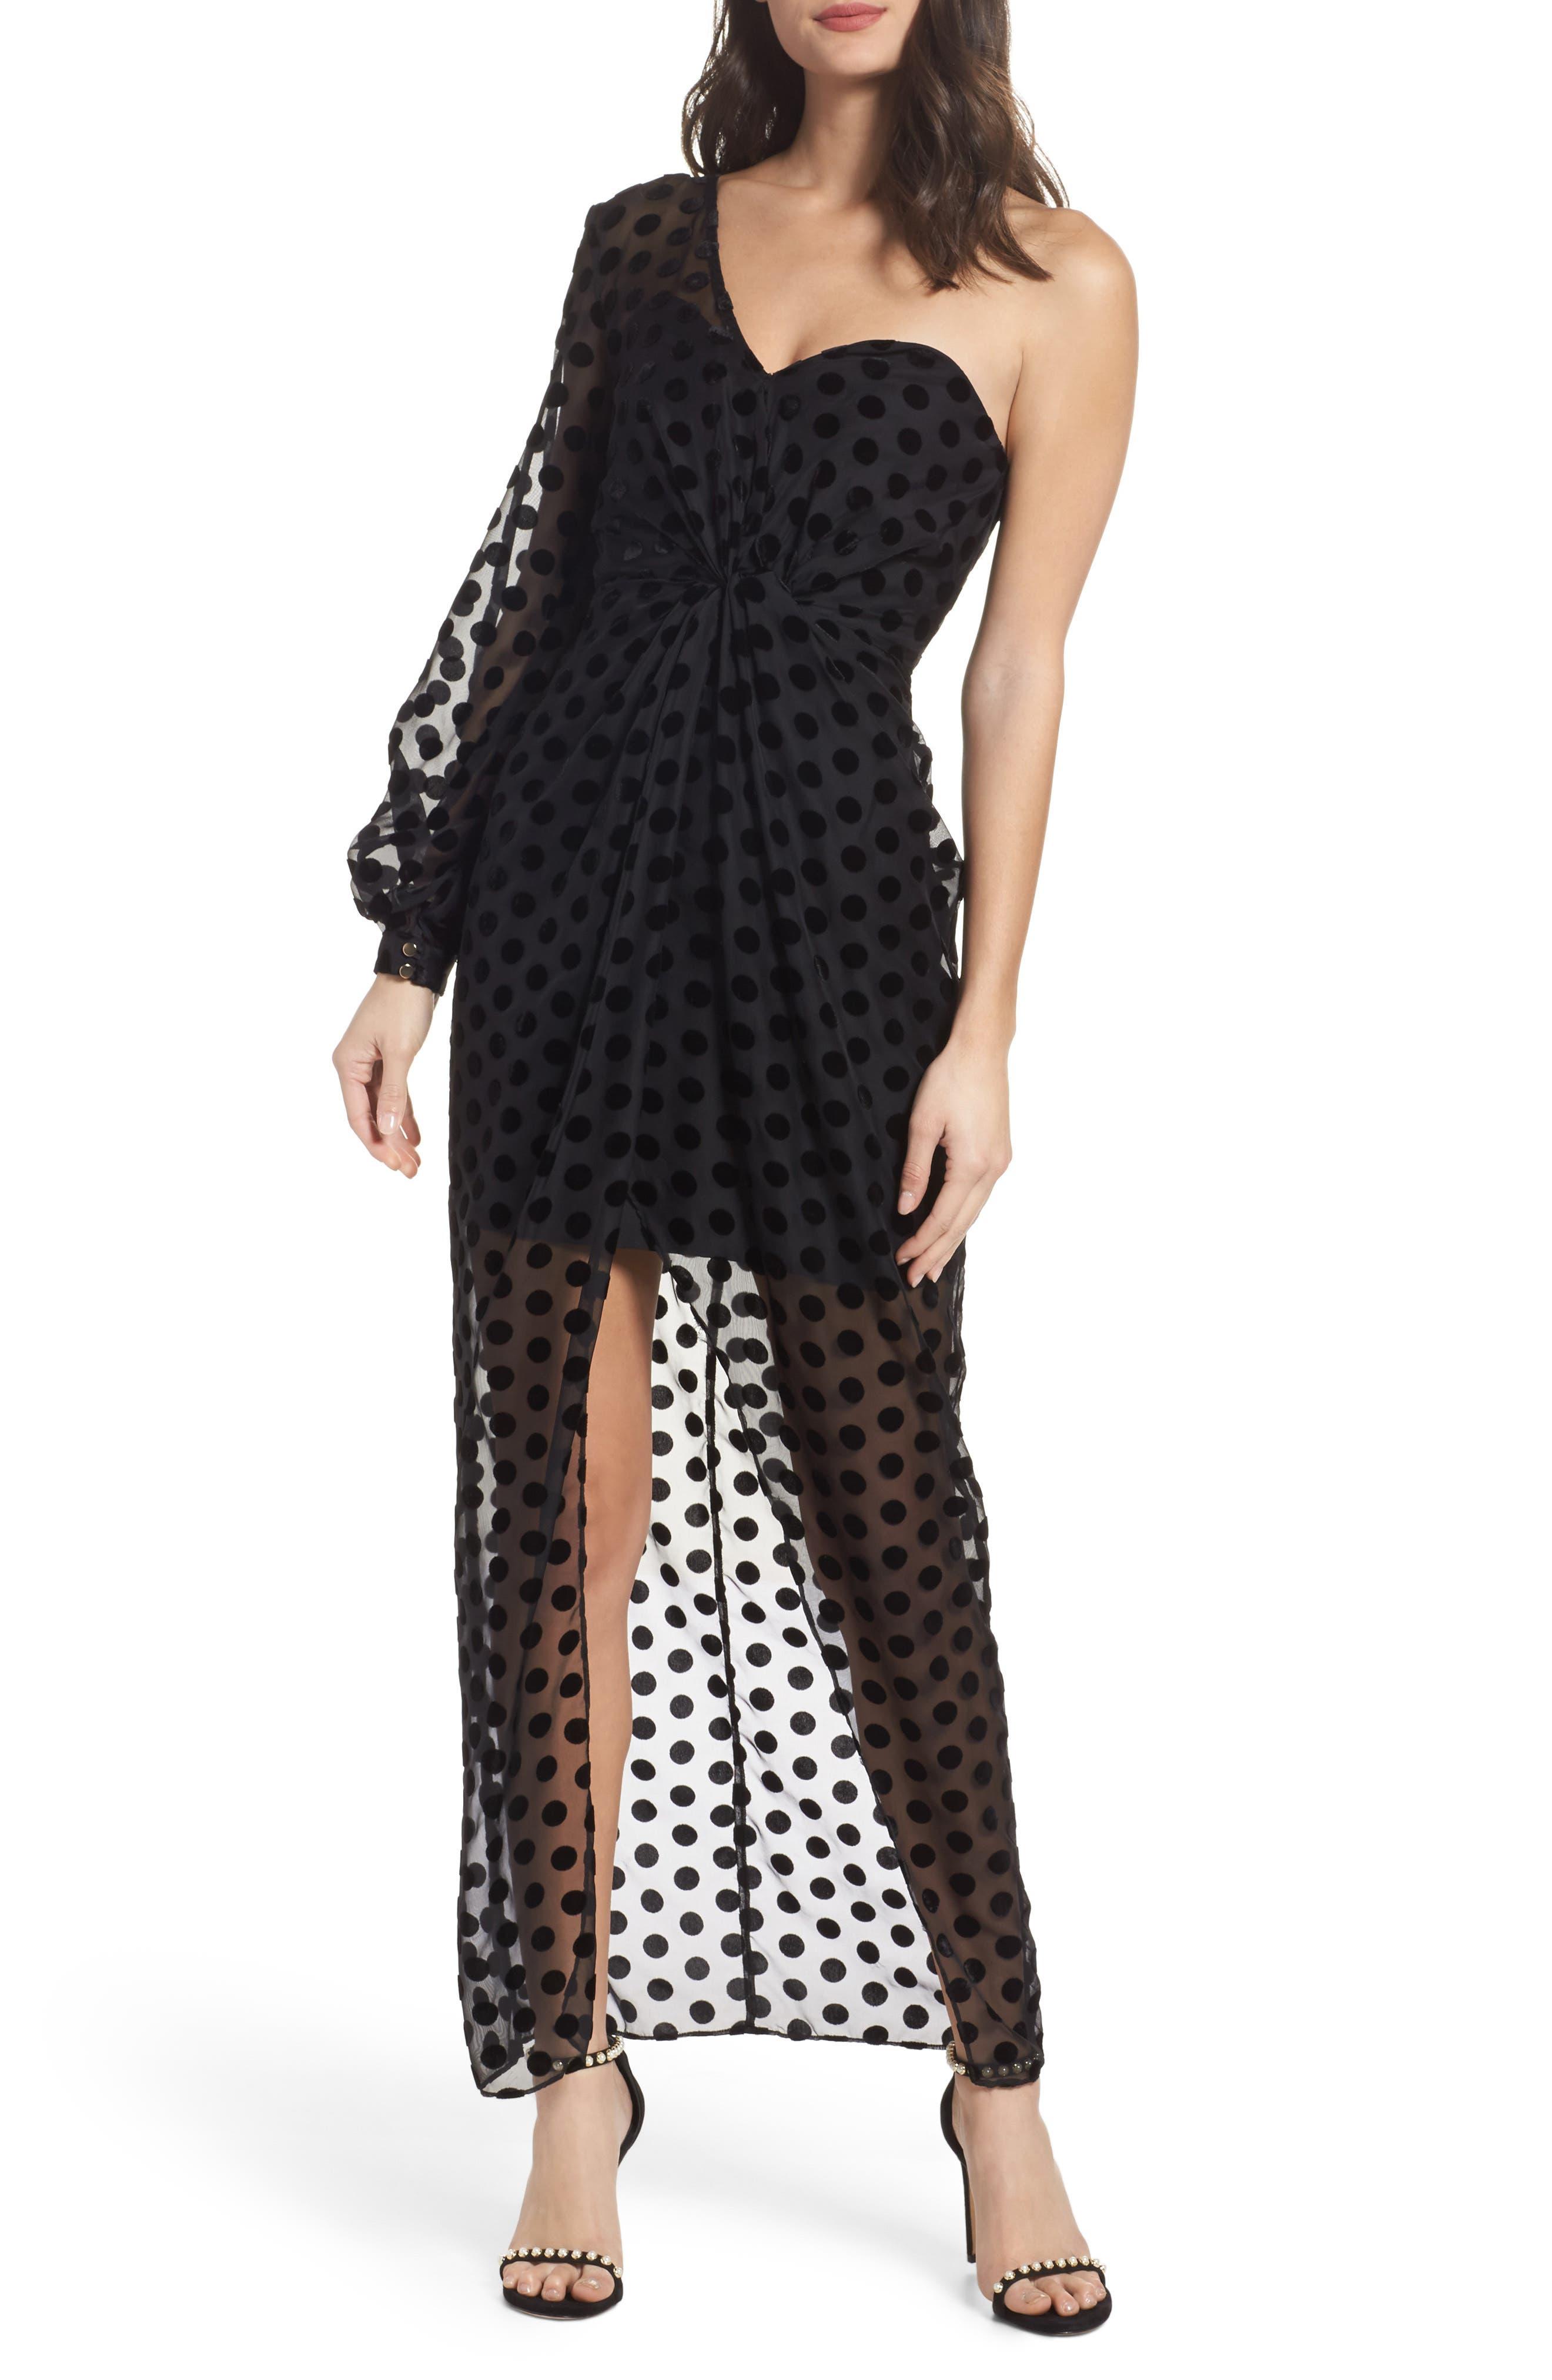 Exhale One Shoulder Polka Dot Dress,                         Main,                         color,